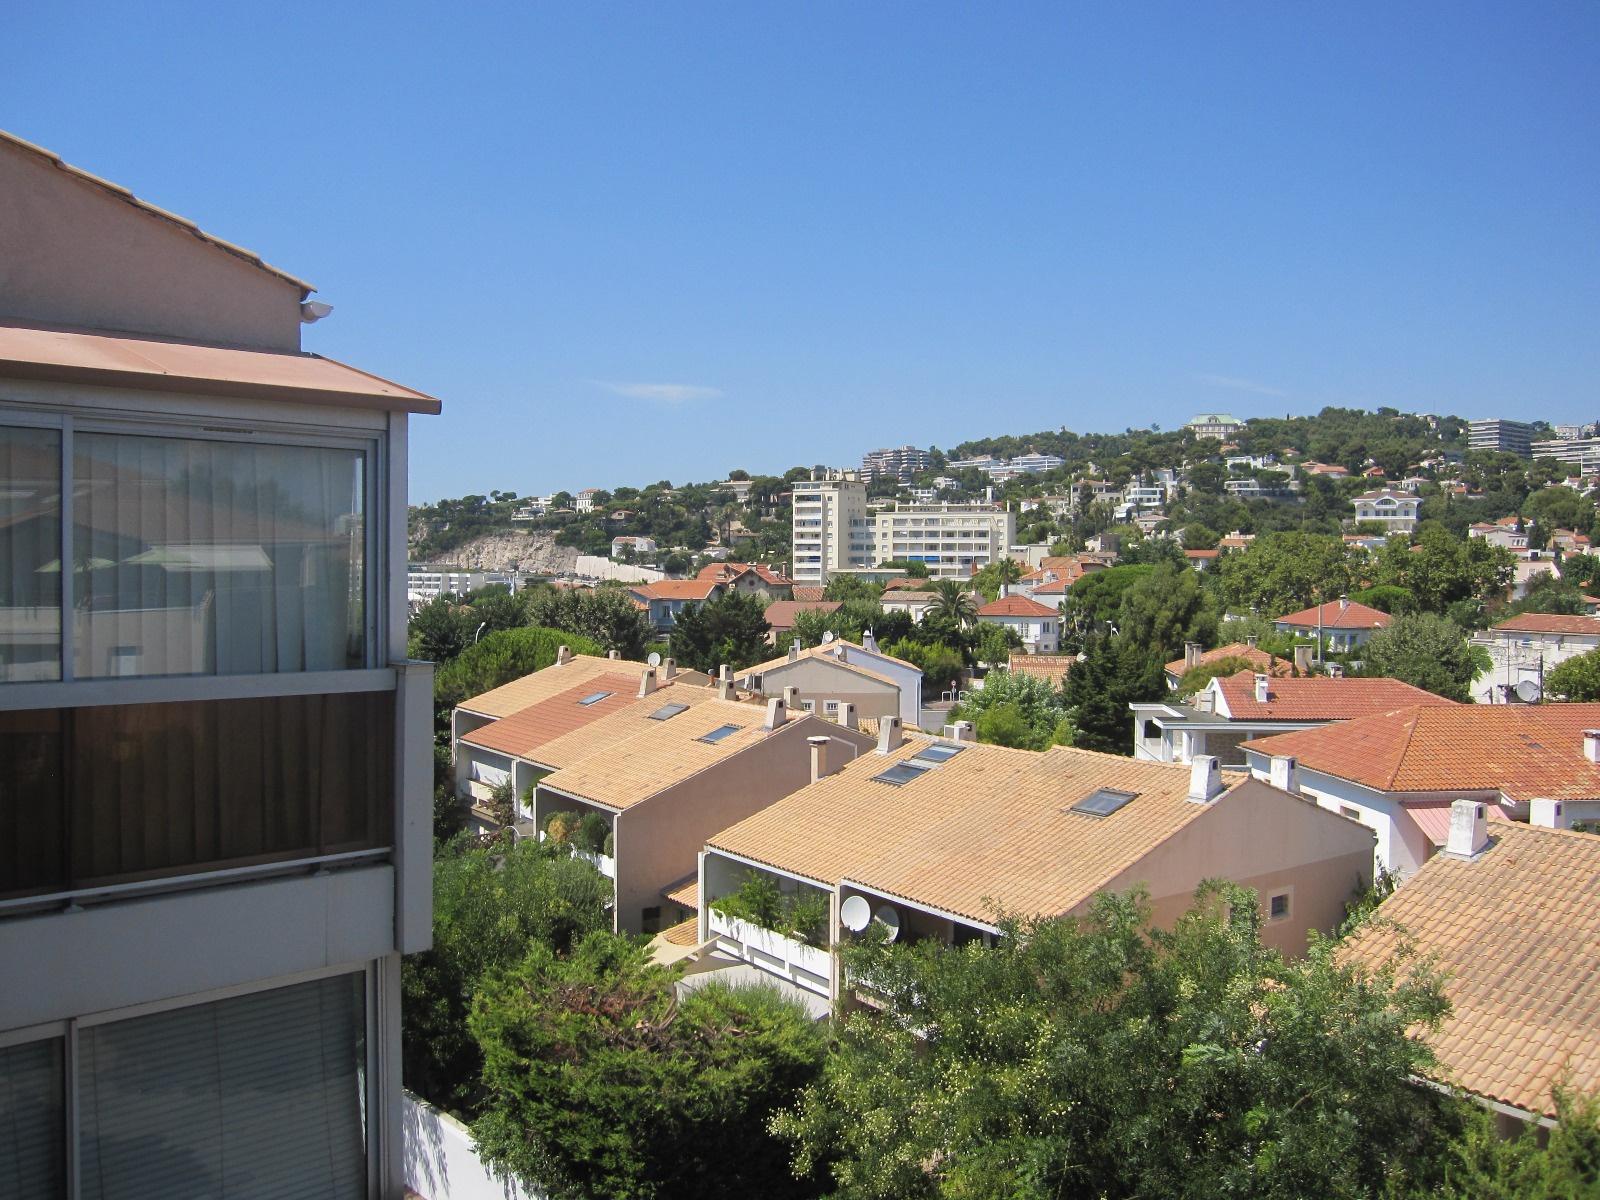 Annonce Vente Appartement Marseille 8 27 M 112 000 992738346691